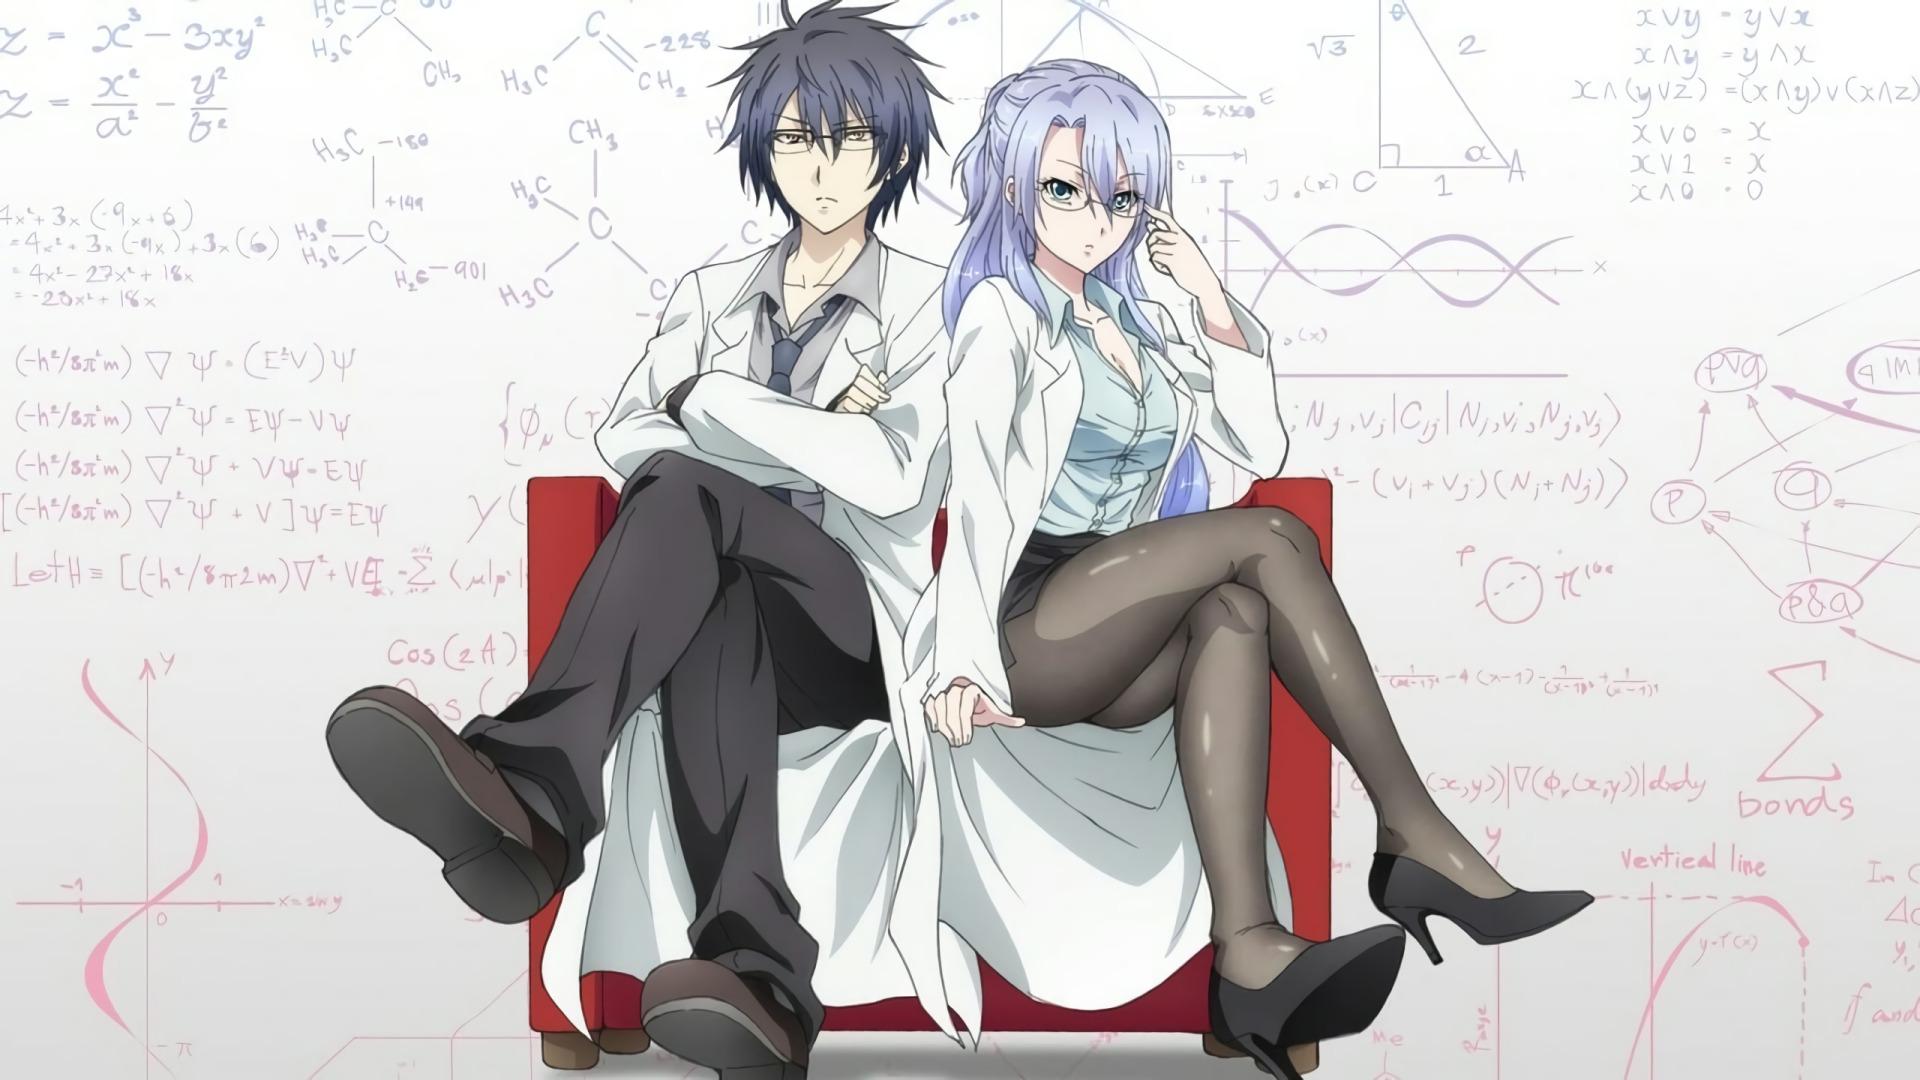 Anime Rikei ga Koi ni Ochita no de Shoumei shitemita.